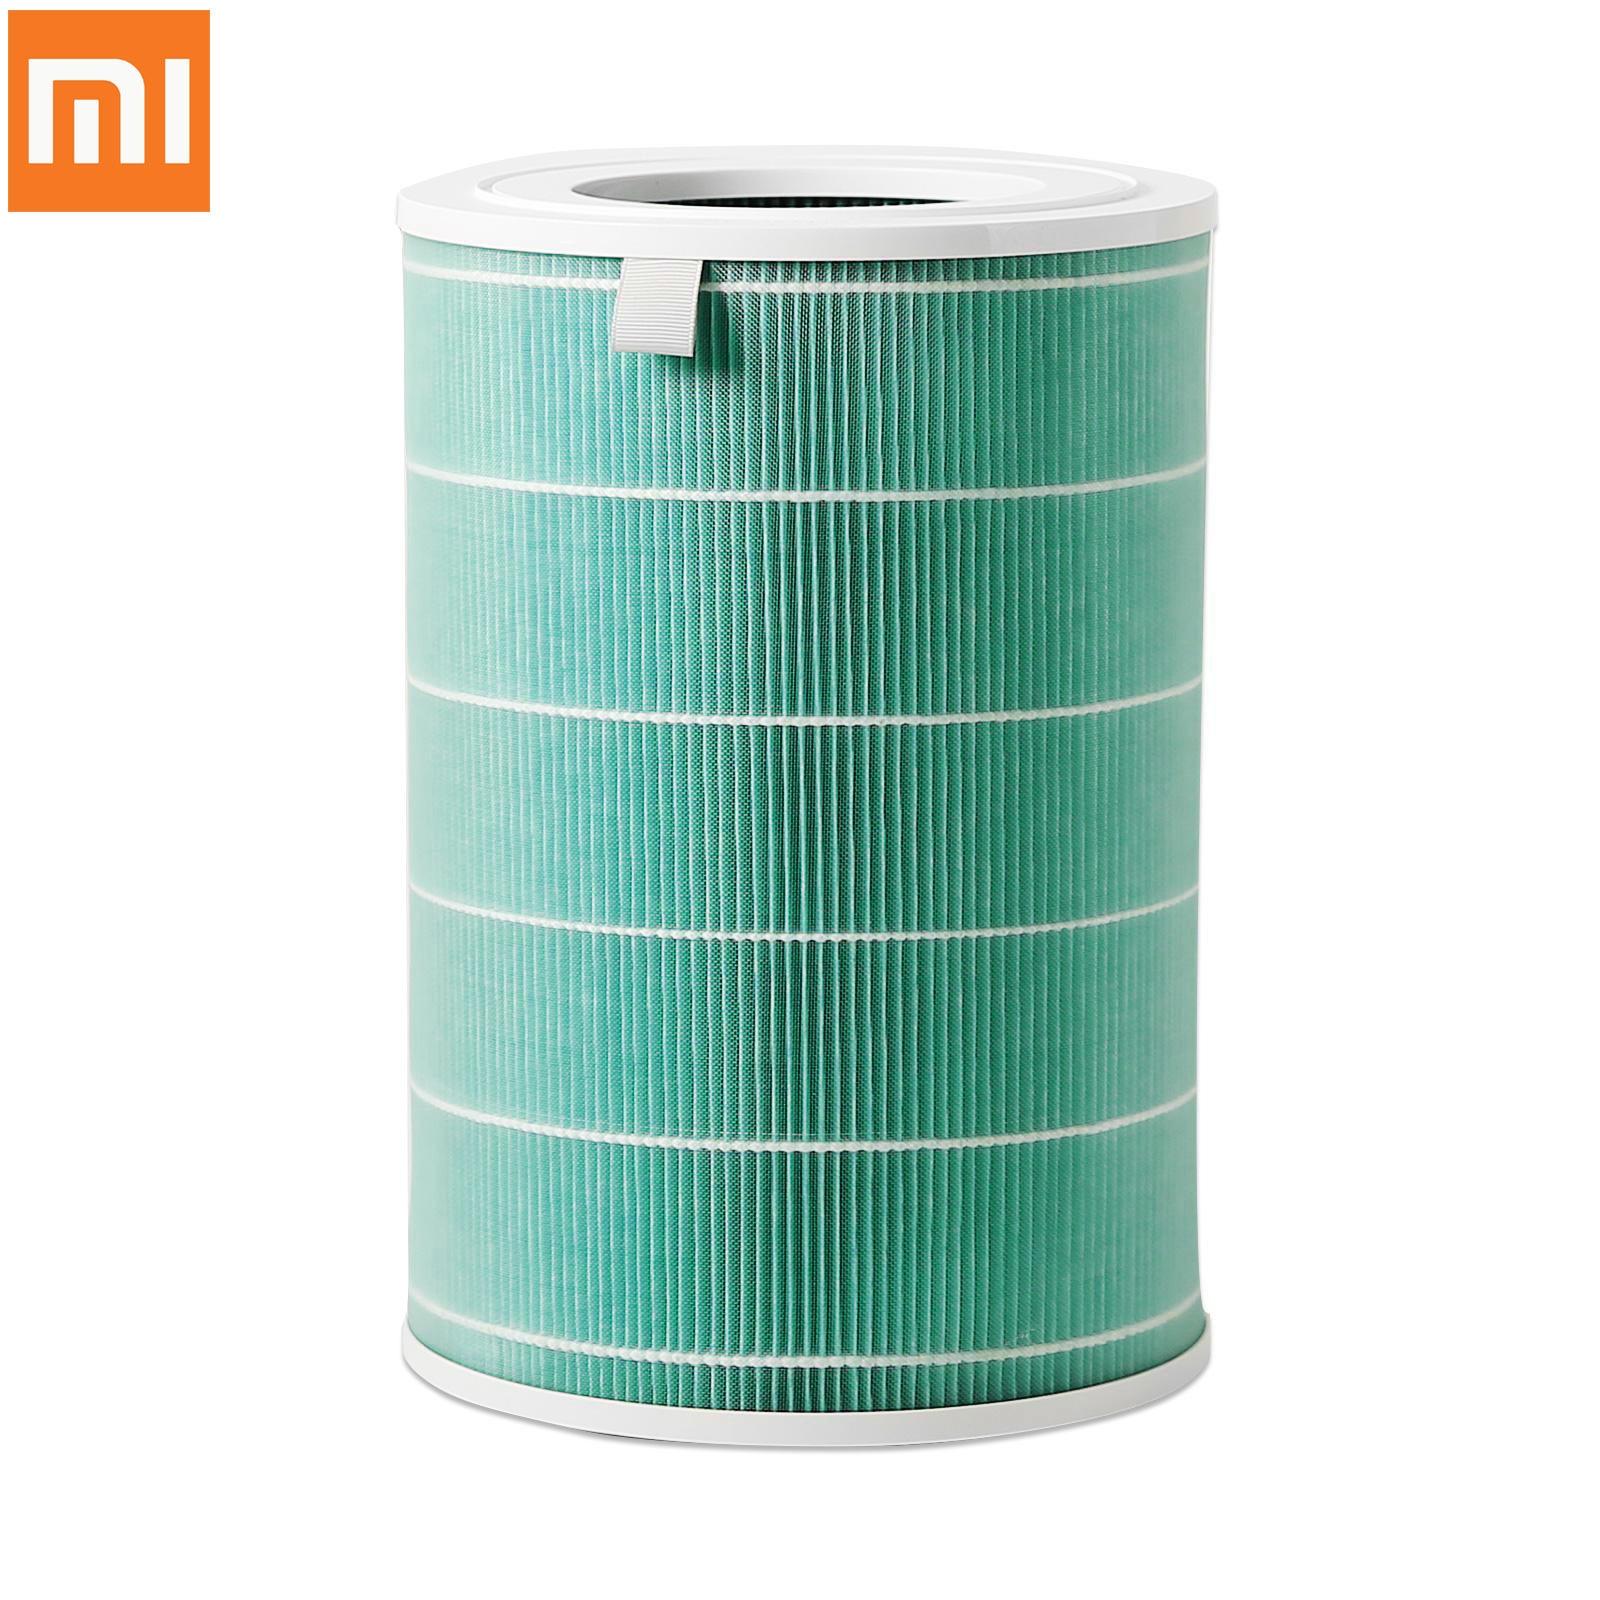 Zielony filtr do oczyszczaczy Xiaomi